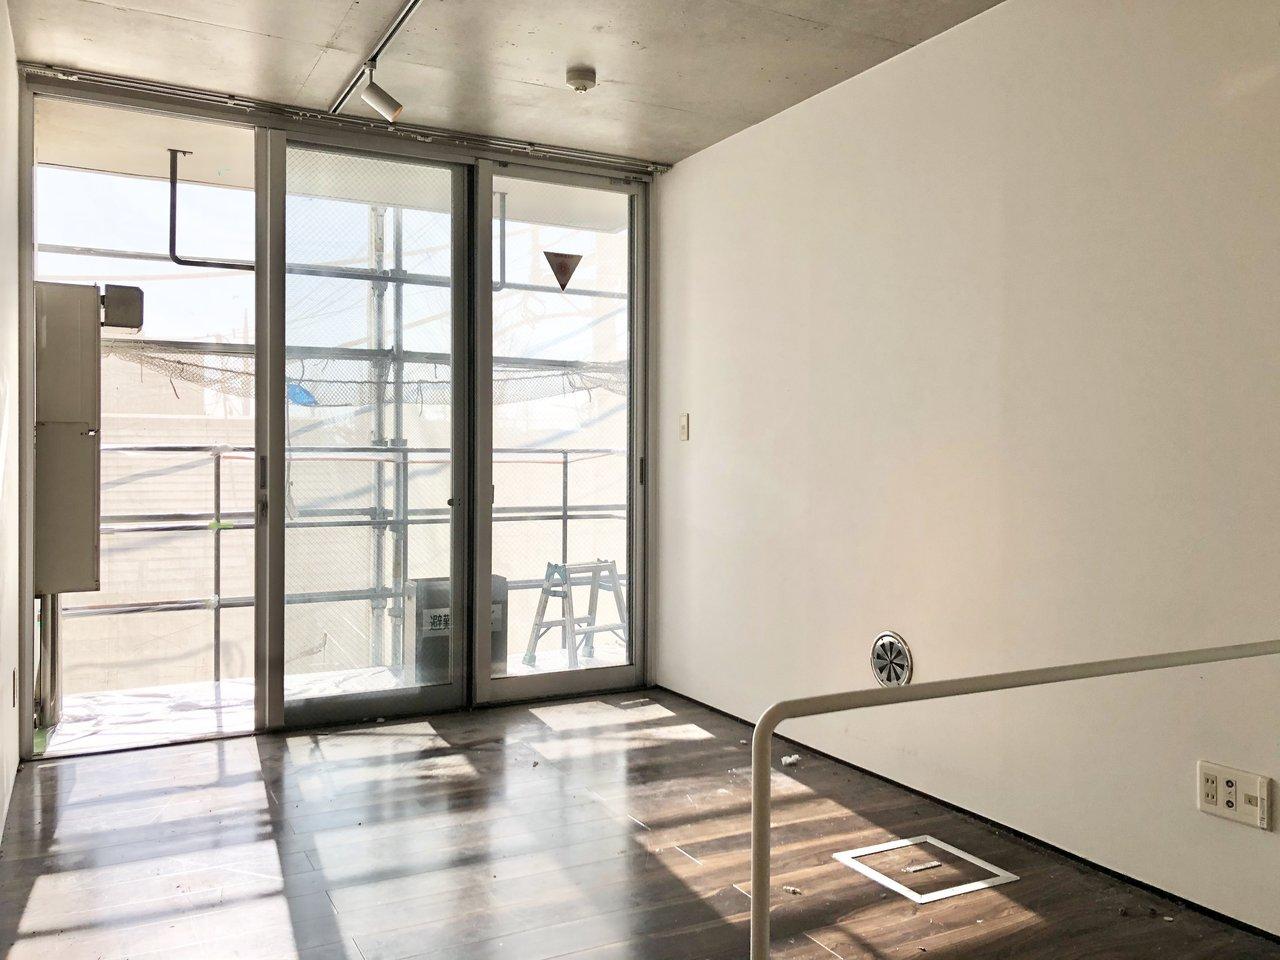 上階部は寝室と、クローゼットがあるお部屋。壁一面が窓になっていて、こちらも光がたくさん降り注ぎます。2面採光なところも良い!